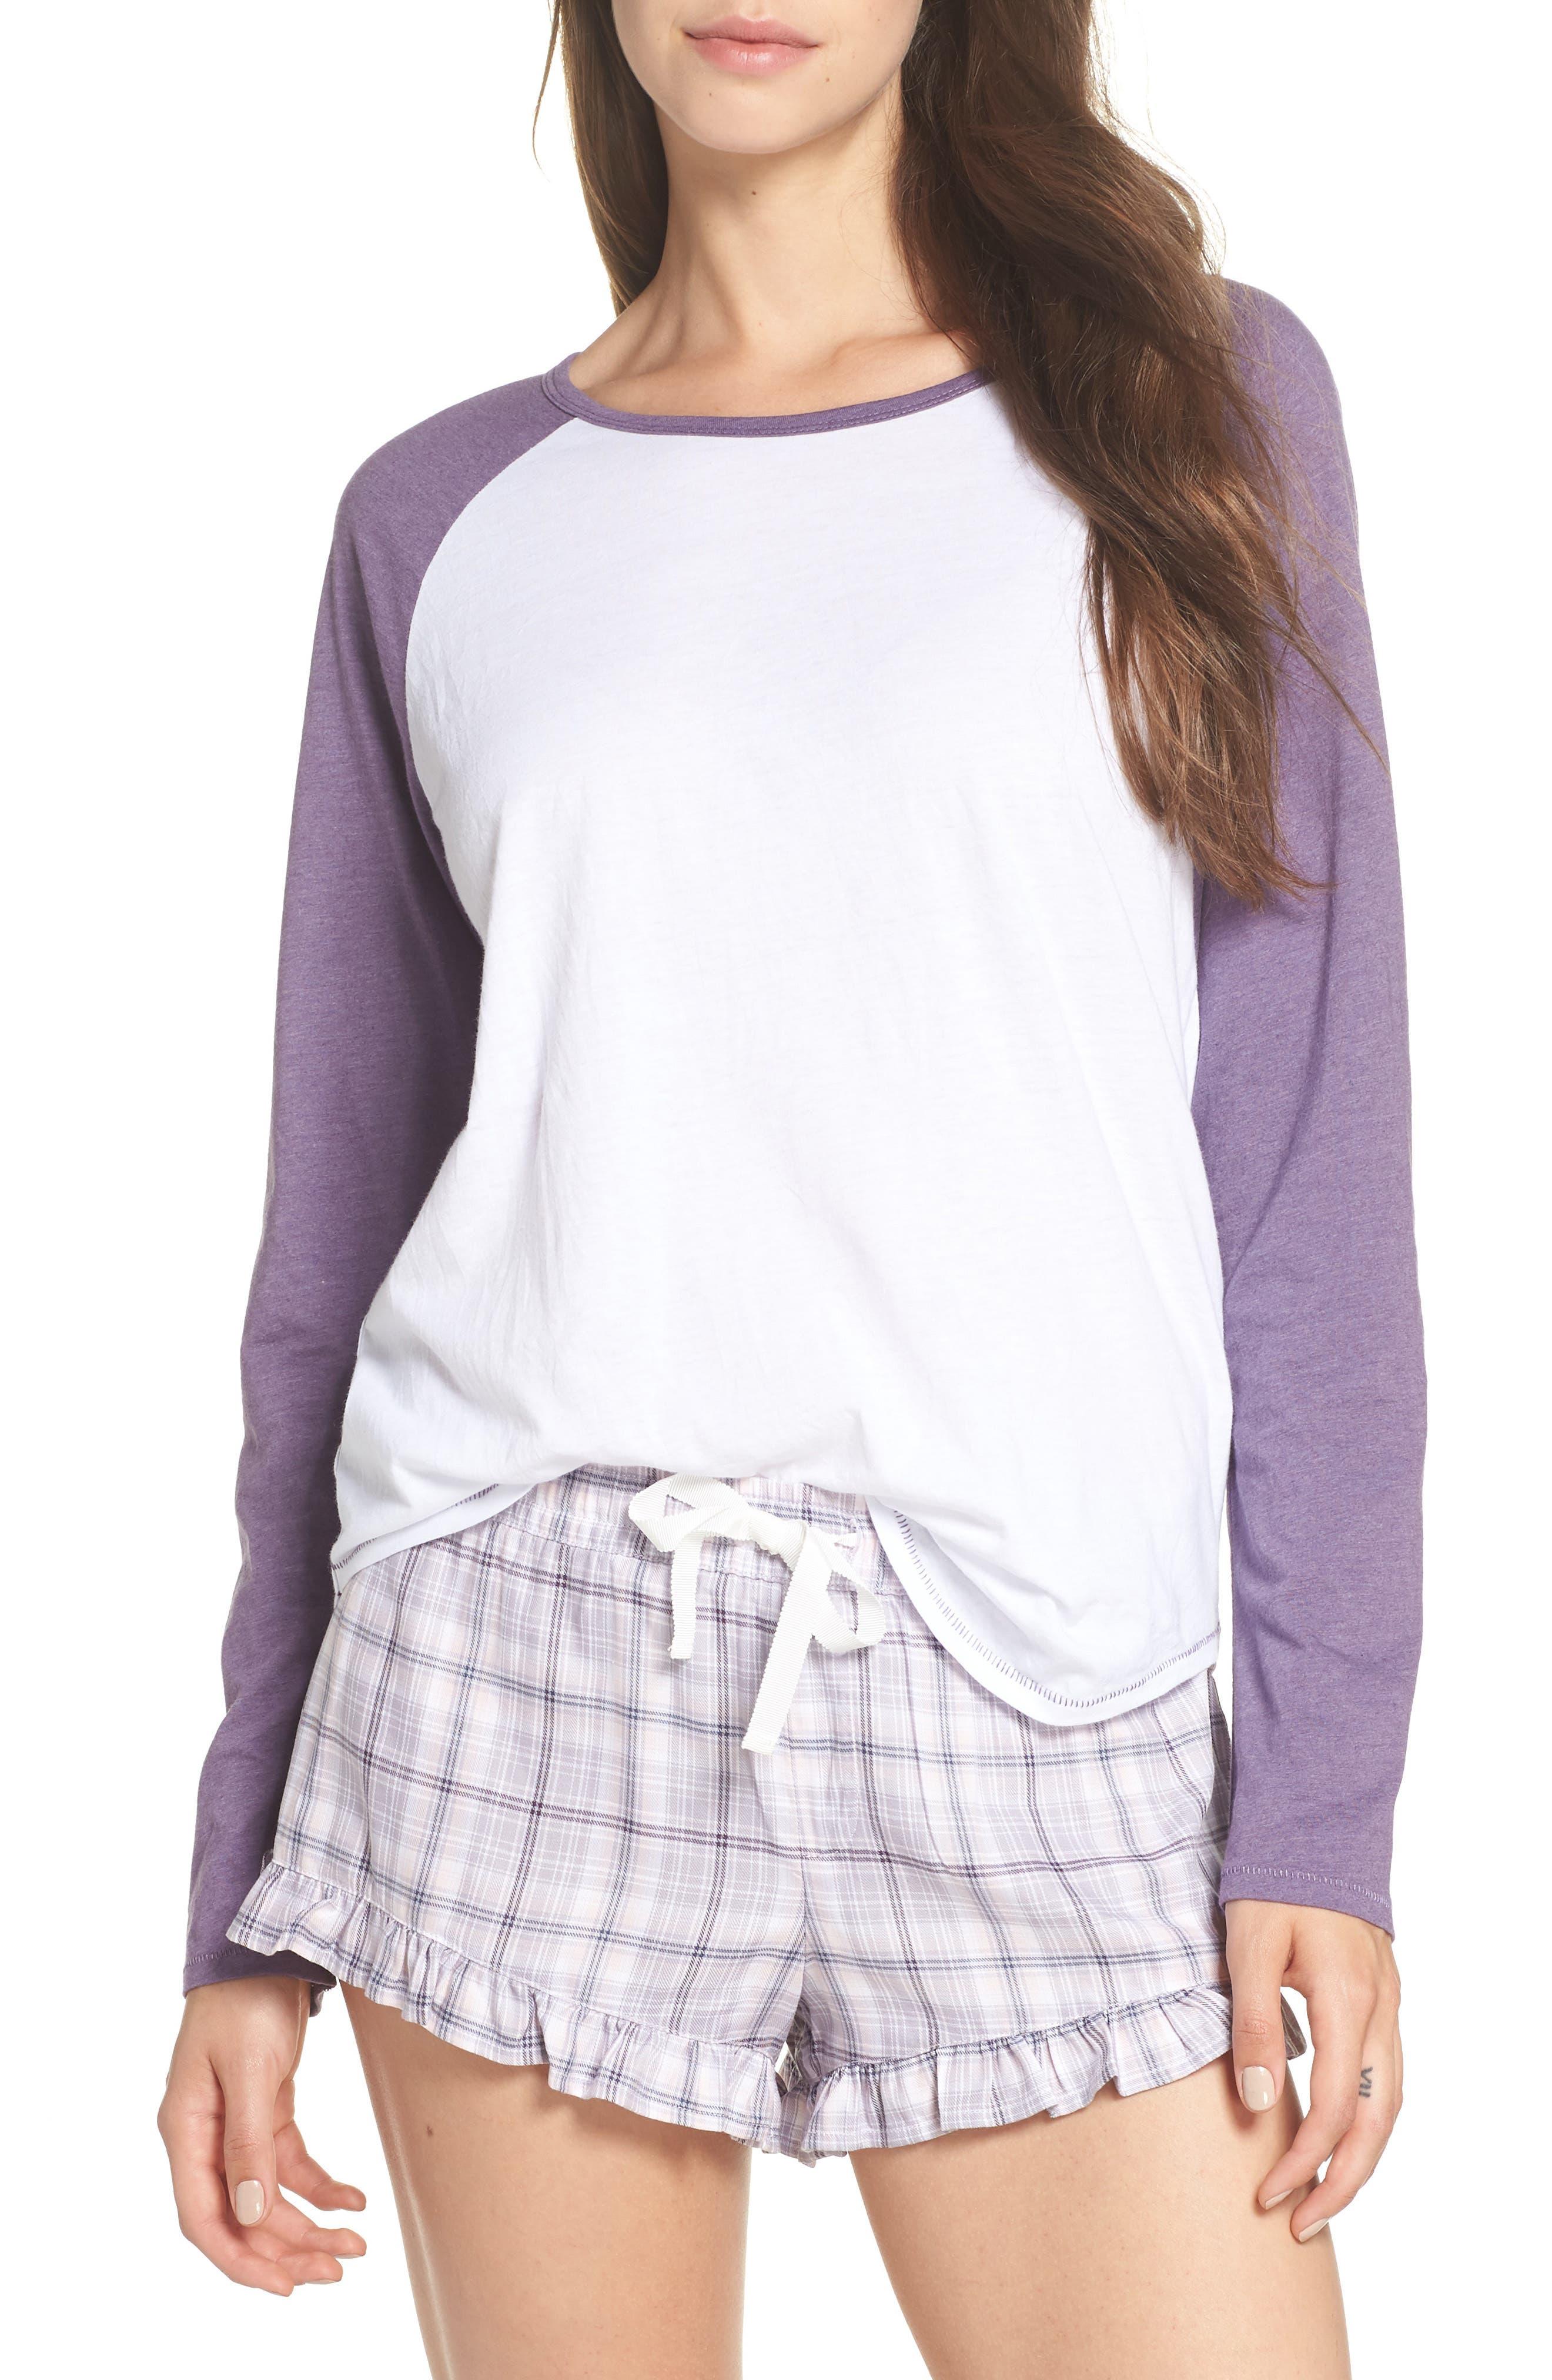 Charly Short Pajamas,                         Main,                         color, LAVENDER AURA PLAID